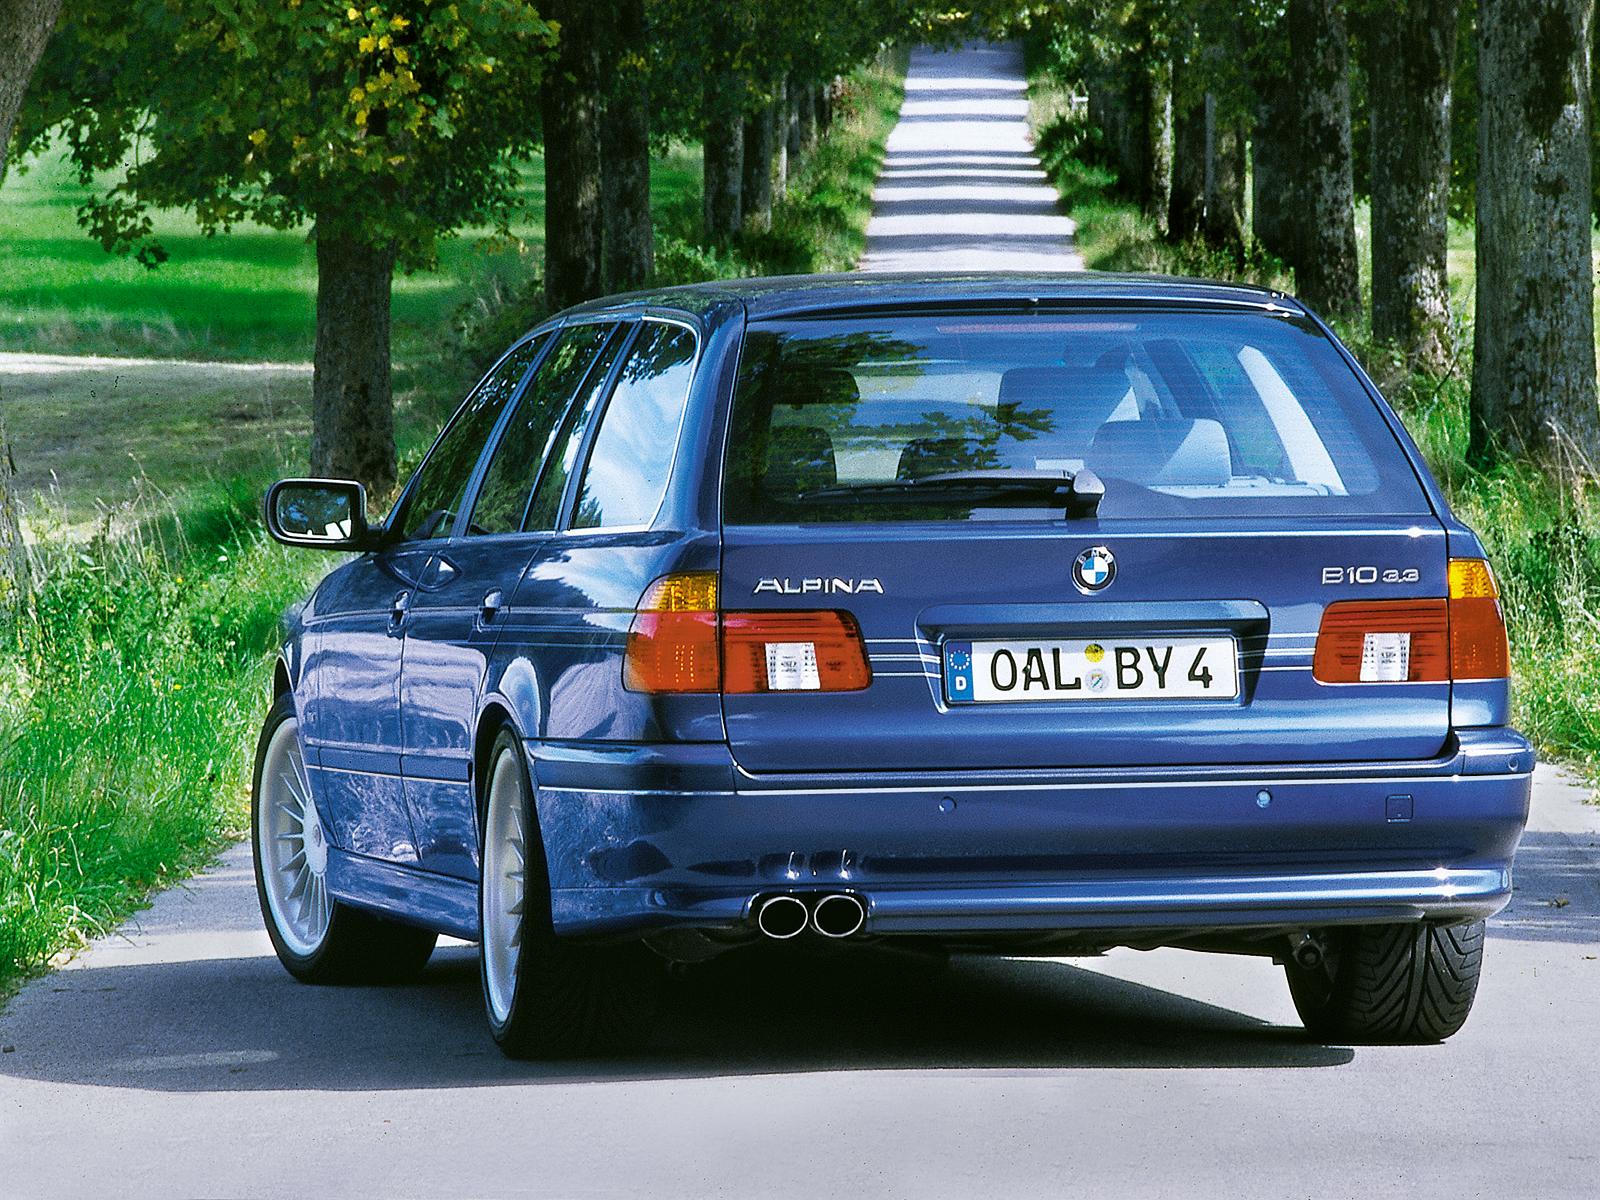 Bmw 5 Series E39 Alpina Automobiles